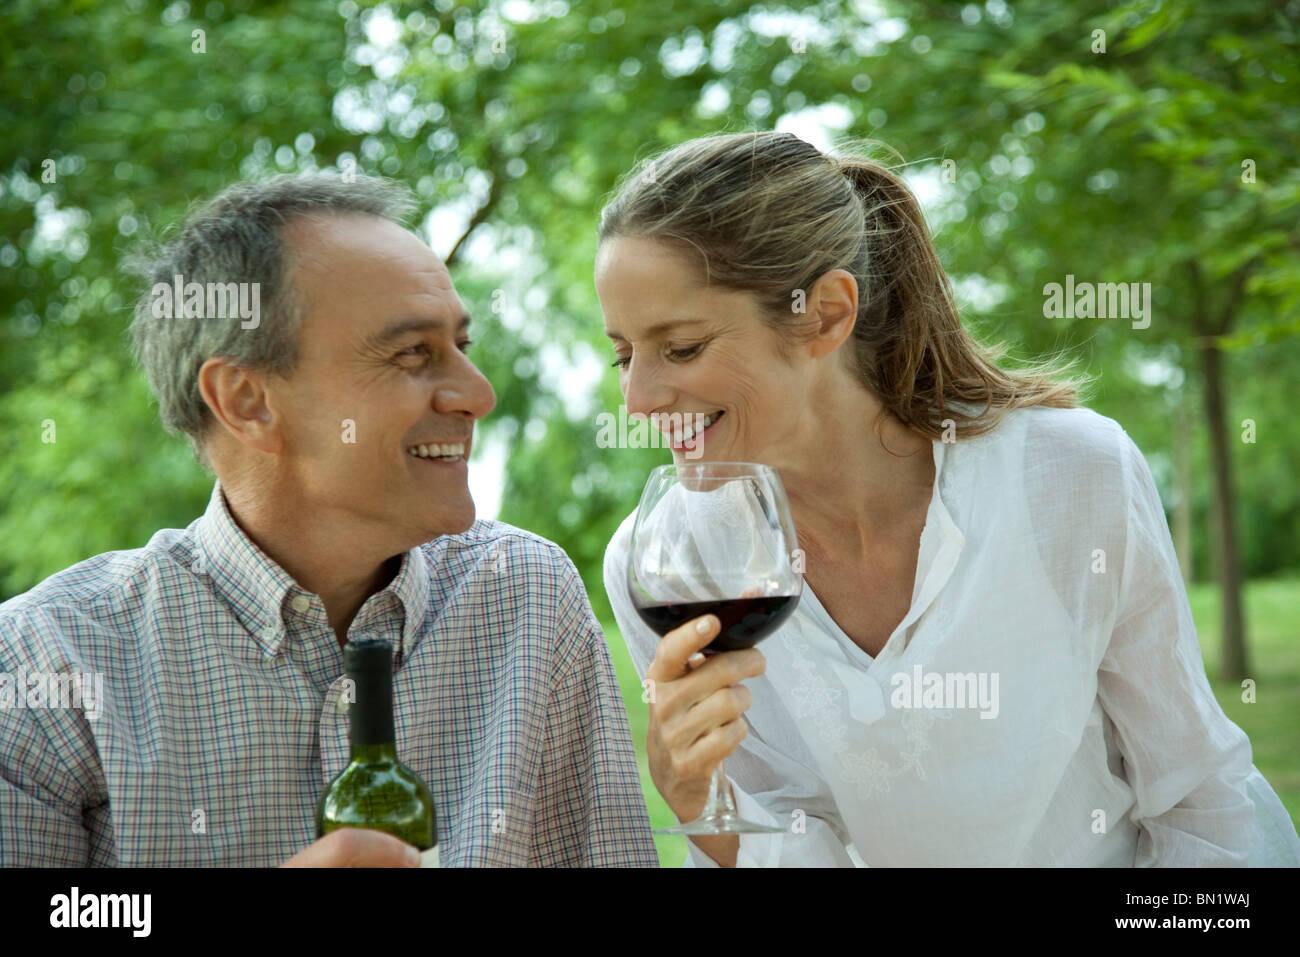 Mature couple enjoying